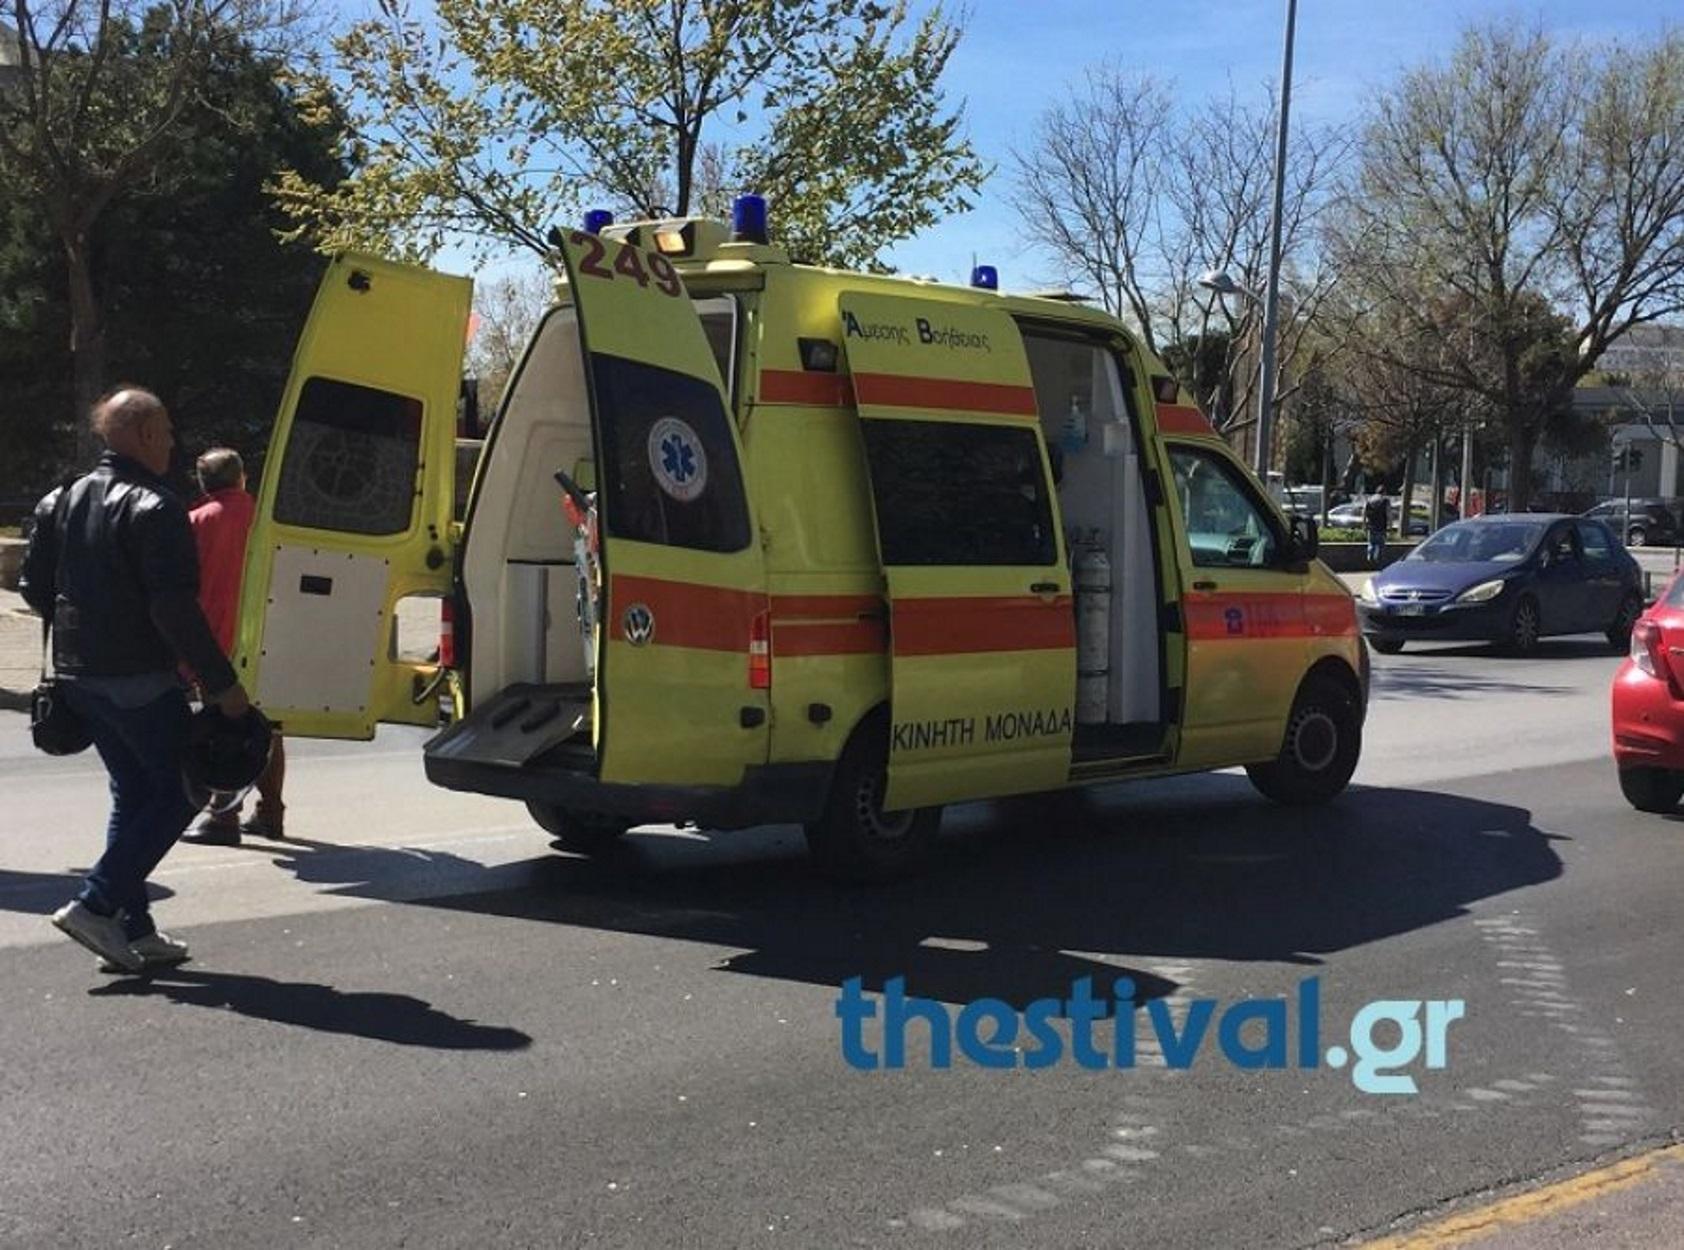 Θανατηφόρο τροχαίο στη Θεσσαλονίκη με θύμα έναν 94χρονο - Παρασύρθηκε από ΙΧ που οδηγούσε 22χρονος